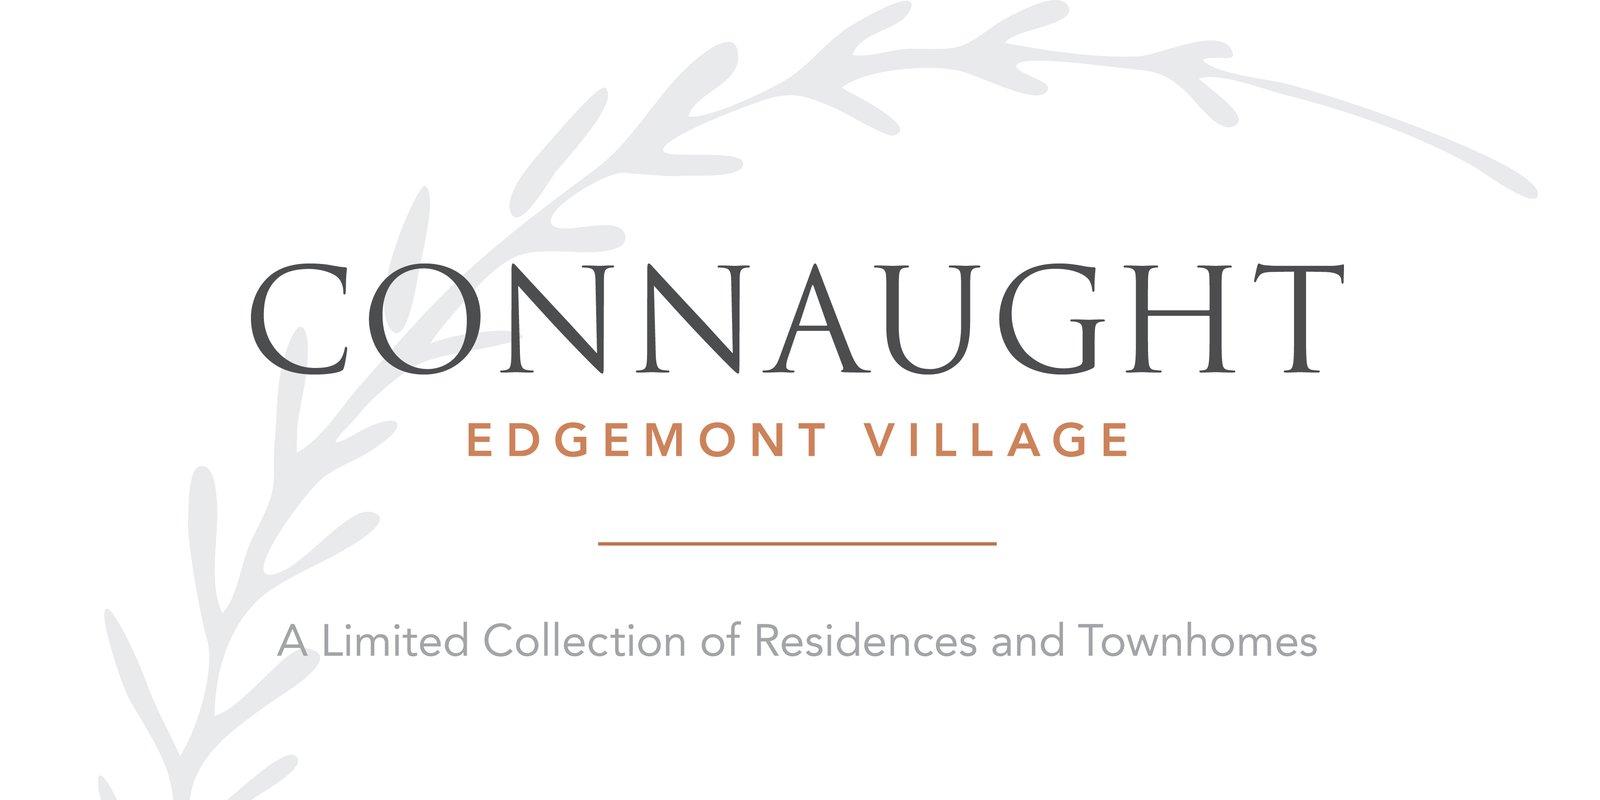 Connaught Edgemont Village